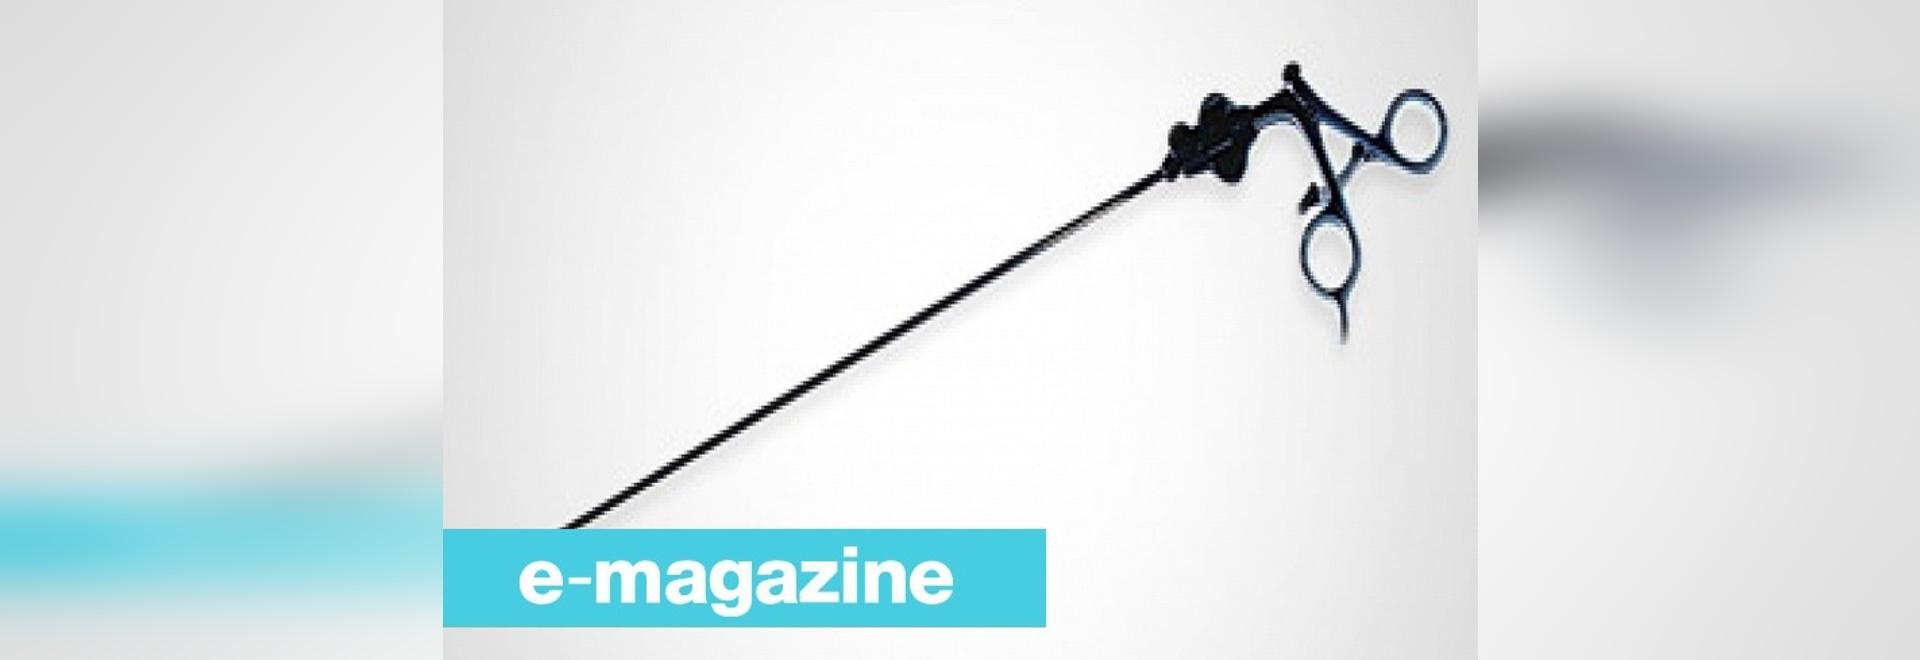 Stryker stellt Laparoscopic Instrumente 5-Millimeter in der Länge 45-cm dar